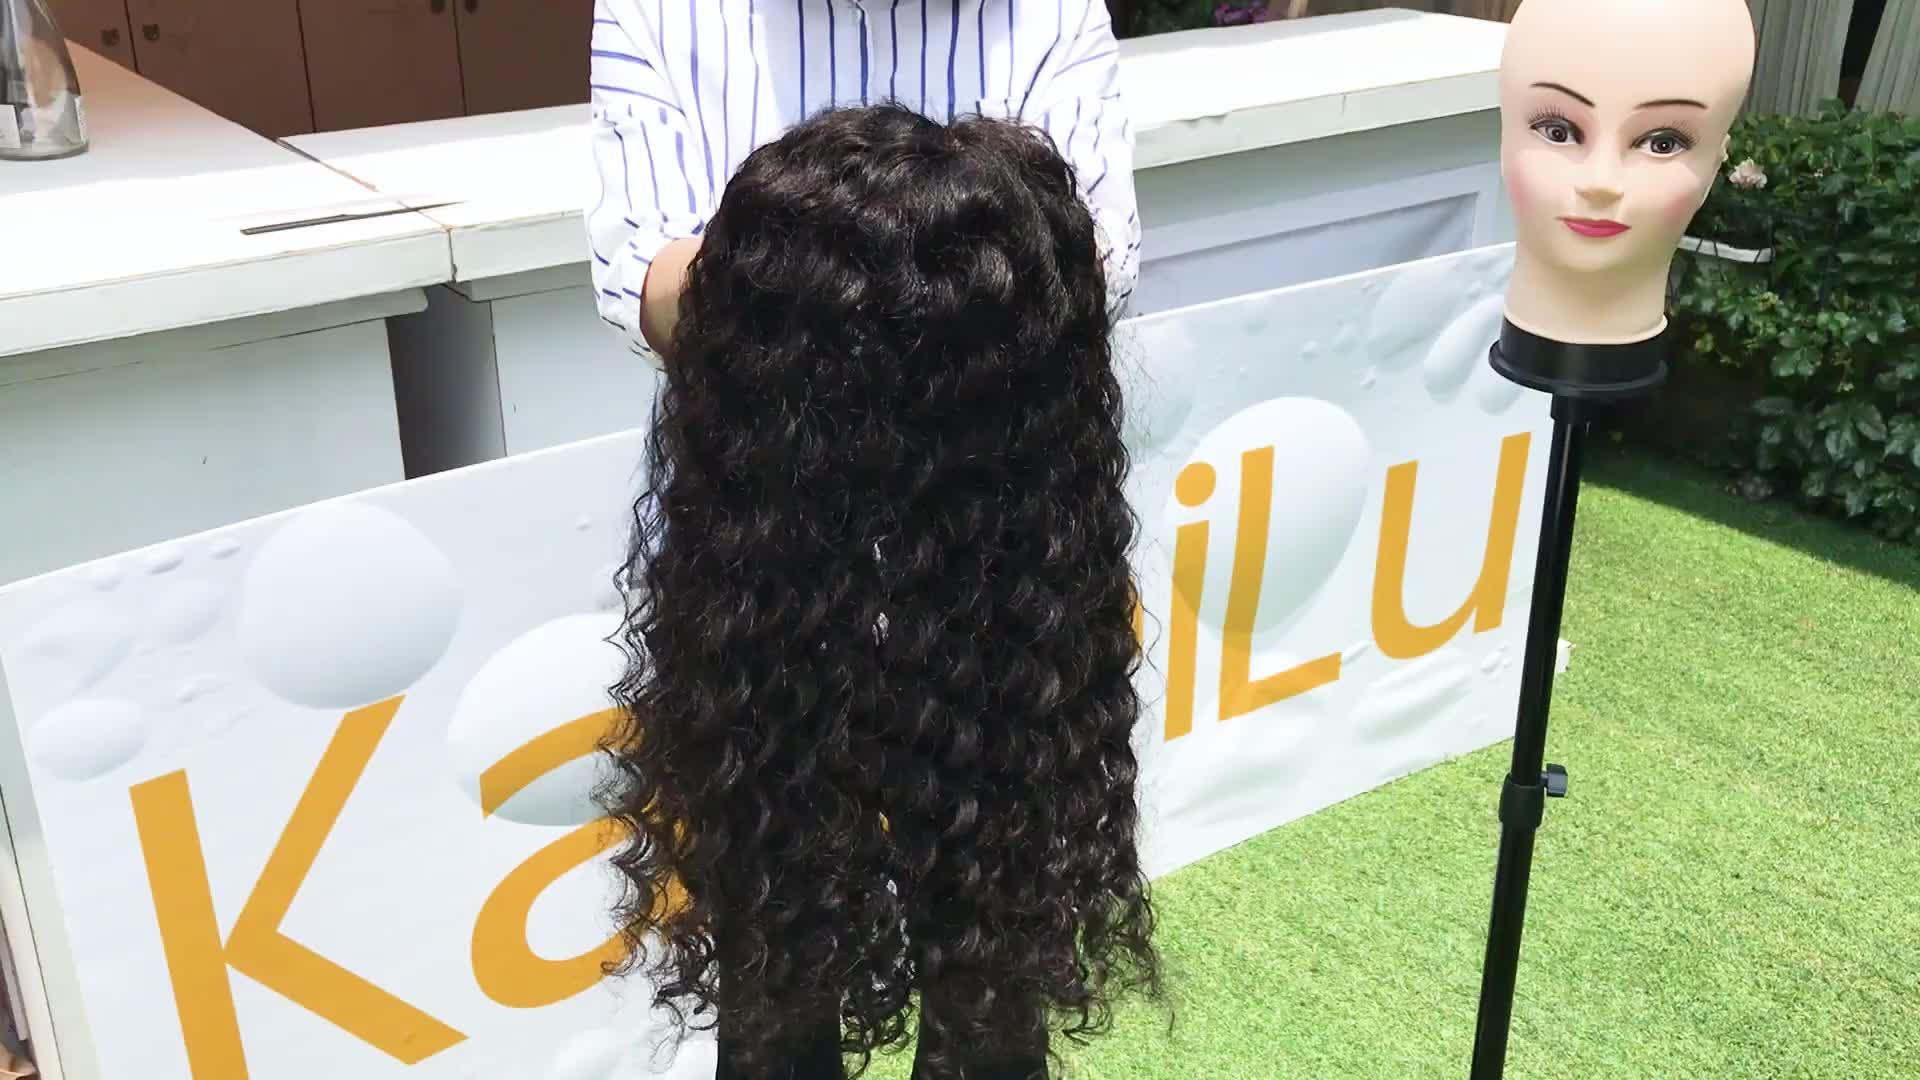 Super sottile pelle parrucche per la vendita on-line, cuticola allineati parrucca del merletto colla private label, visone brasiliano dei capelli e parrucche del merletto in mozambiqu